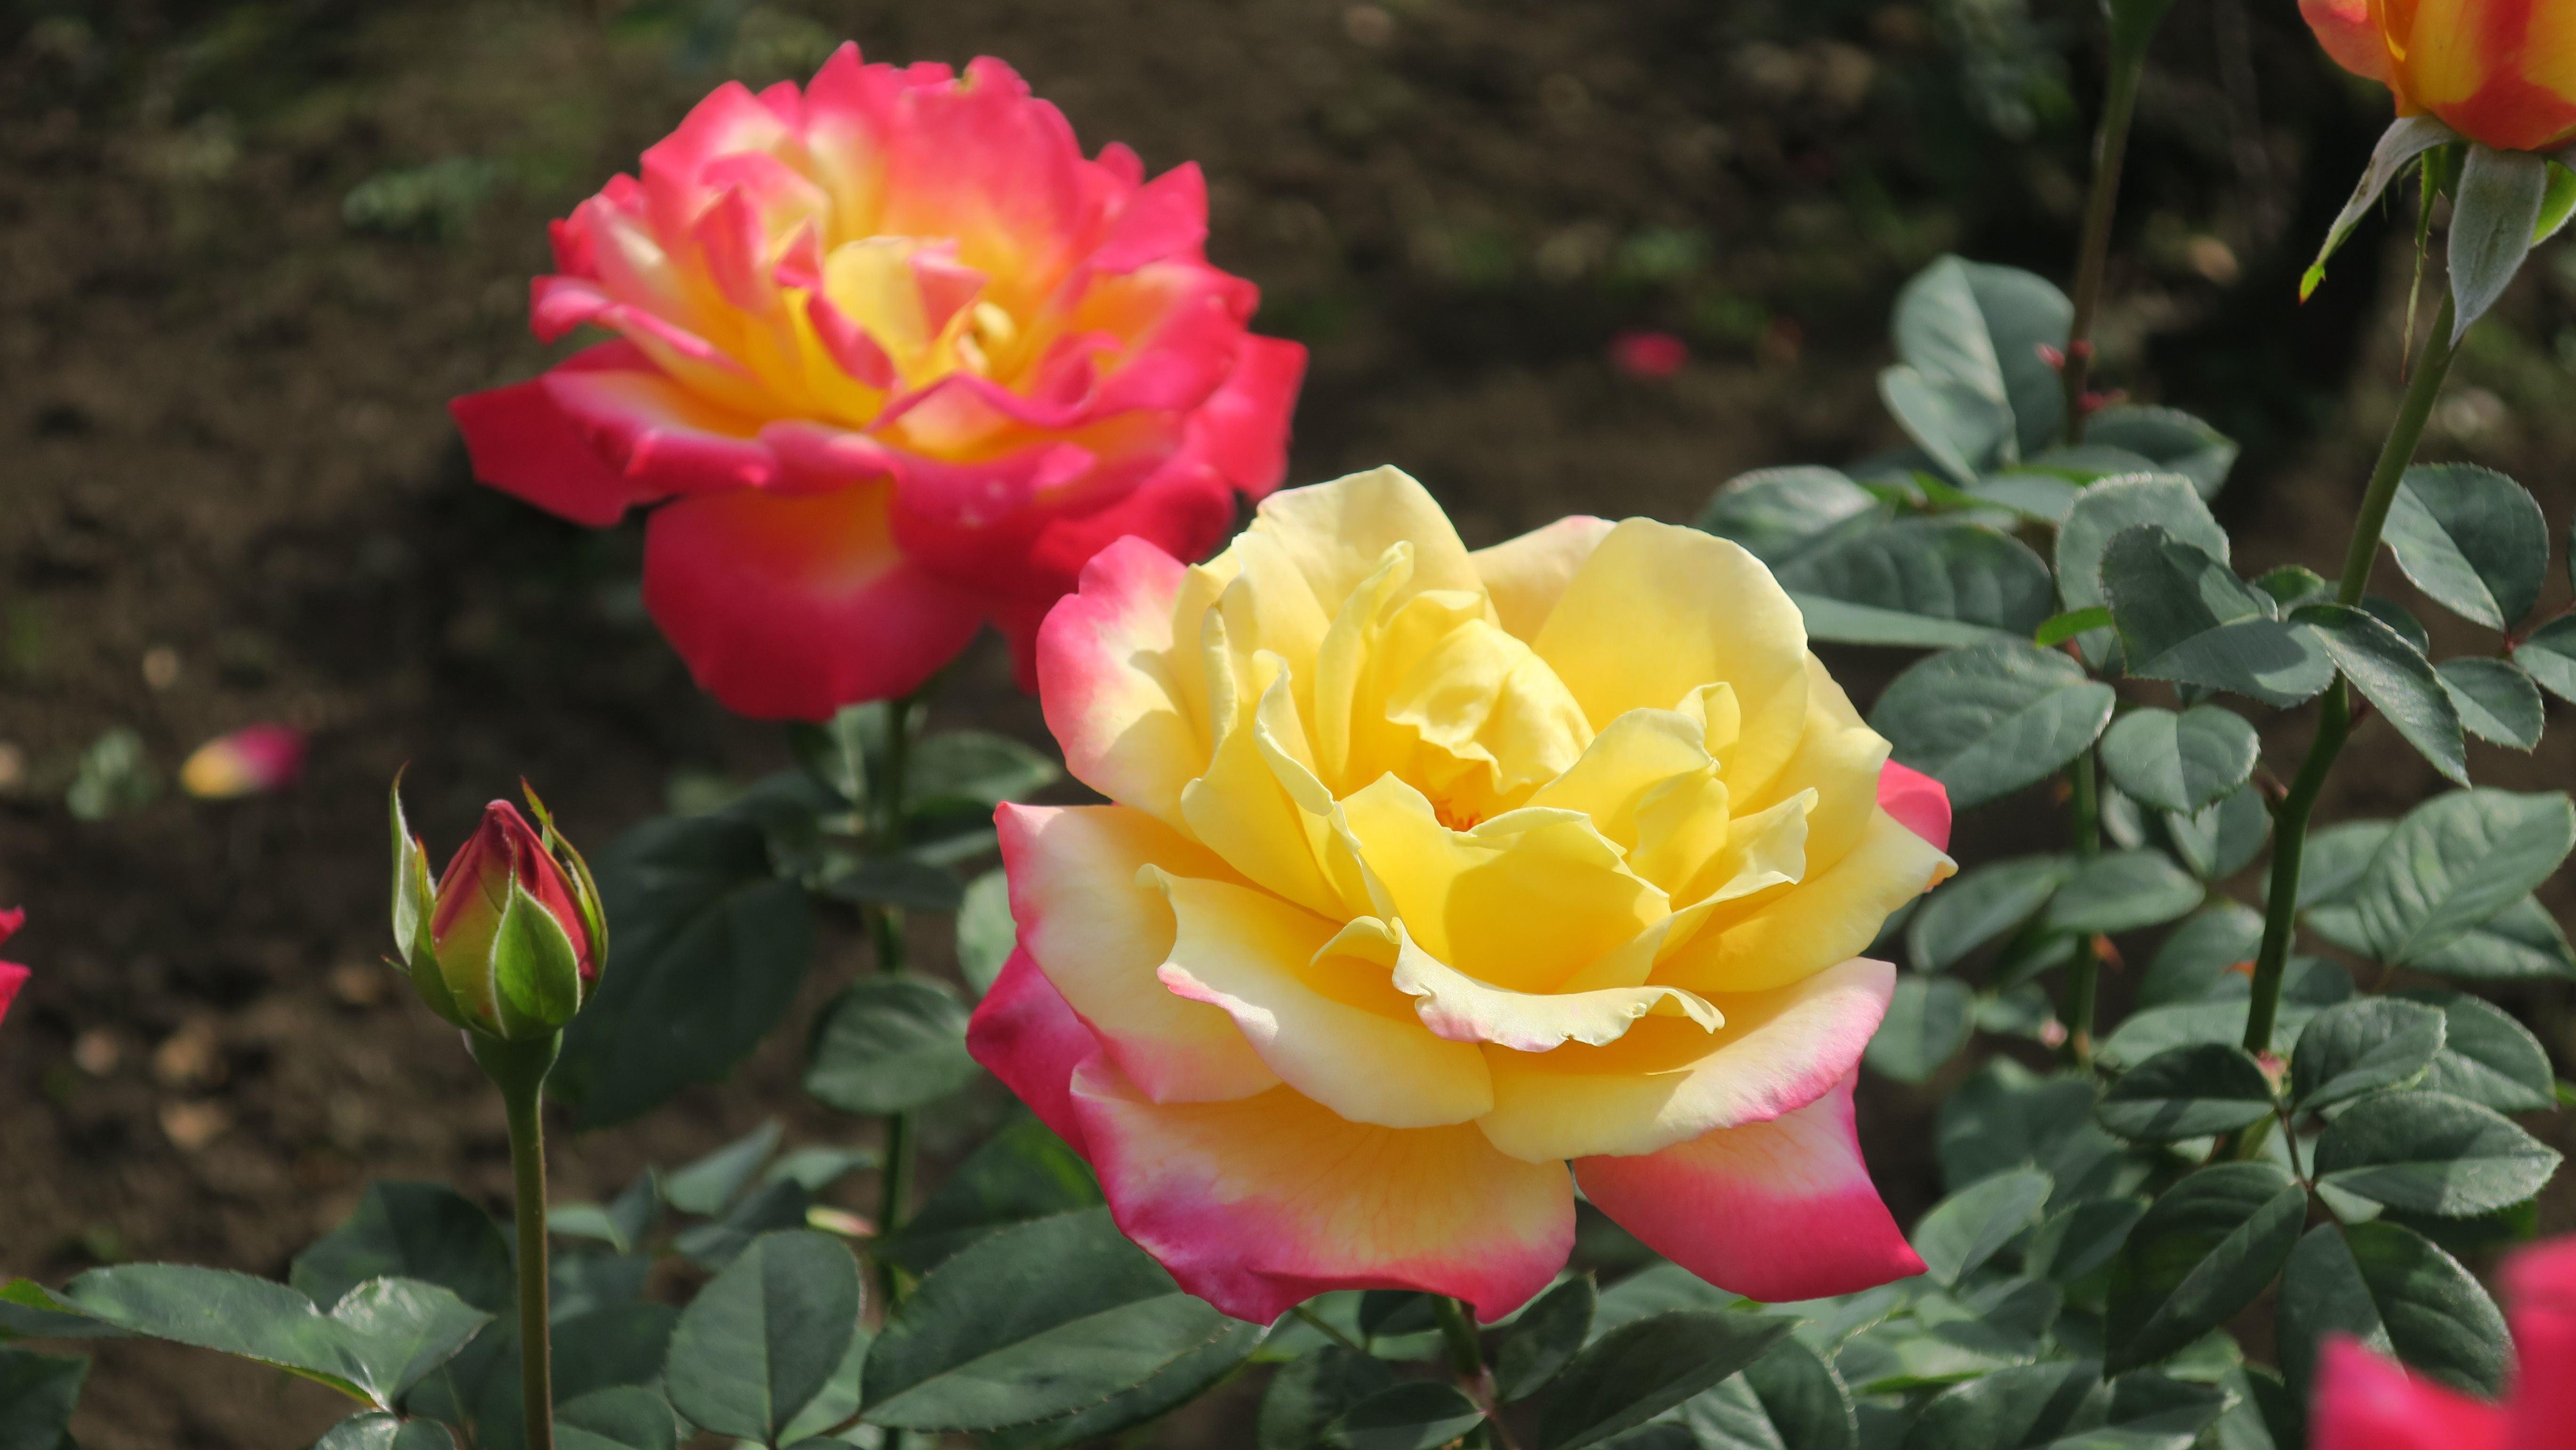 雑木林・芝生広場・大温室など、バラ園以外にも見どころいっぱいの神代植物公園。広い園内は歩いているだけでも一日たっぷり楽しむことができますよ。家族でバラを楽しむのにもぴったりのスポットです。